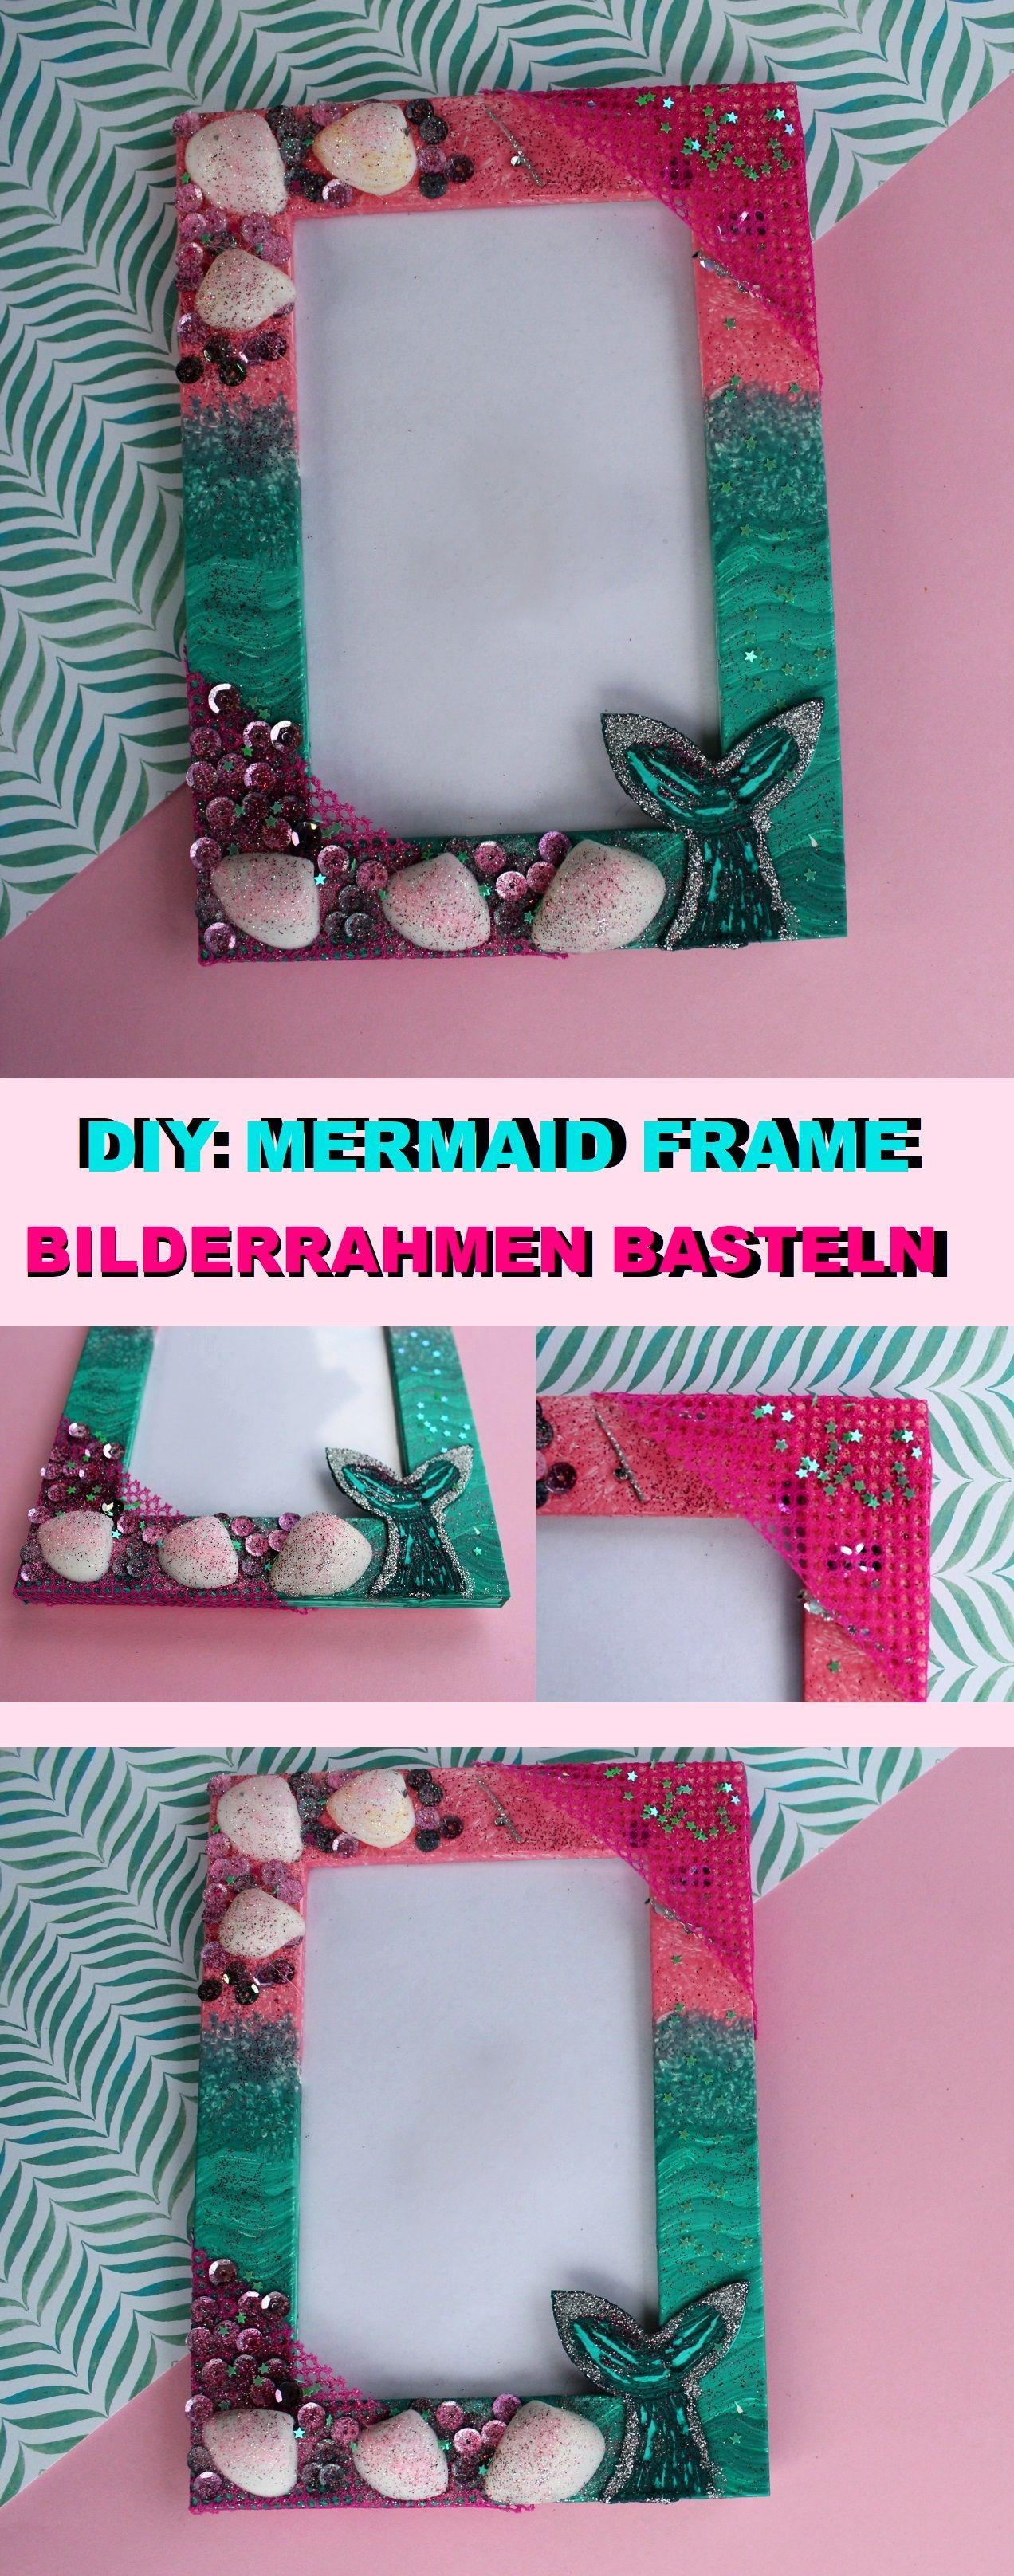 DIY Mermaid Frame Meerjungfrauen Bilderrahmen basteln